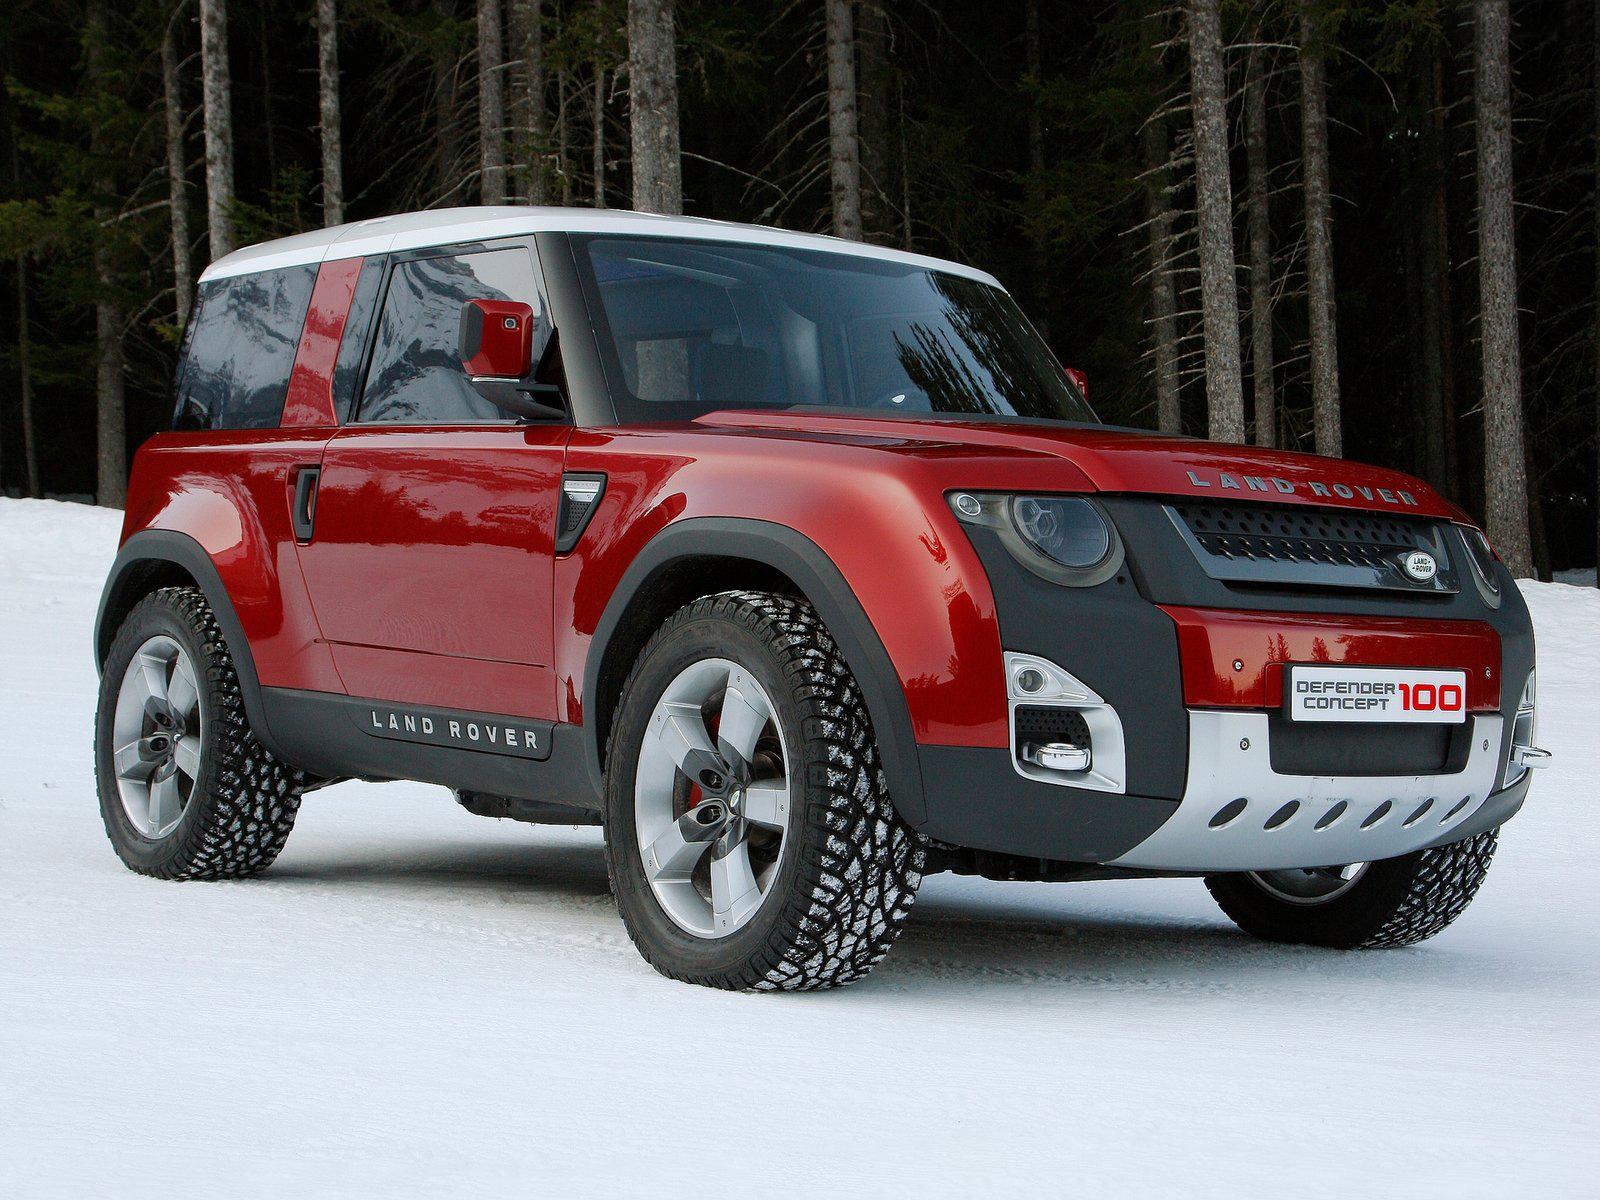 http://2.bp.blogspot.com/-4KE_YZr6xhc/UW13jwPF-JI/AAAAAAAAQYo/hlQMNGcveiM/s1600/2011+Land+Rover+DC100+Concept+(red)+front+view.jpg